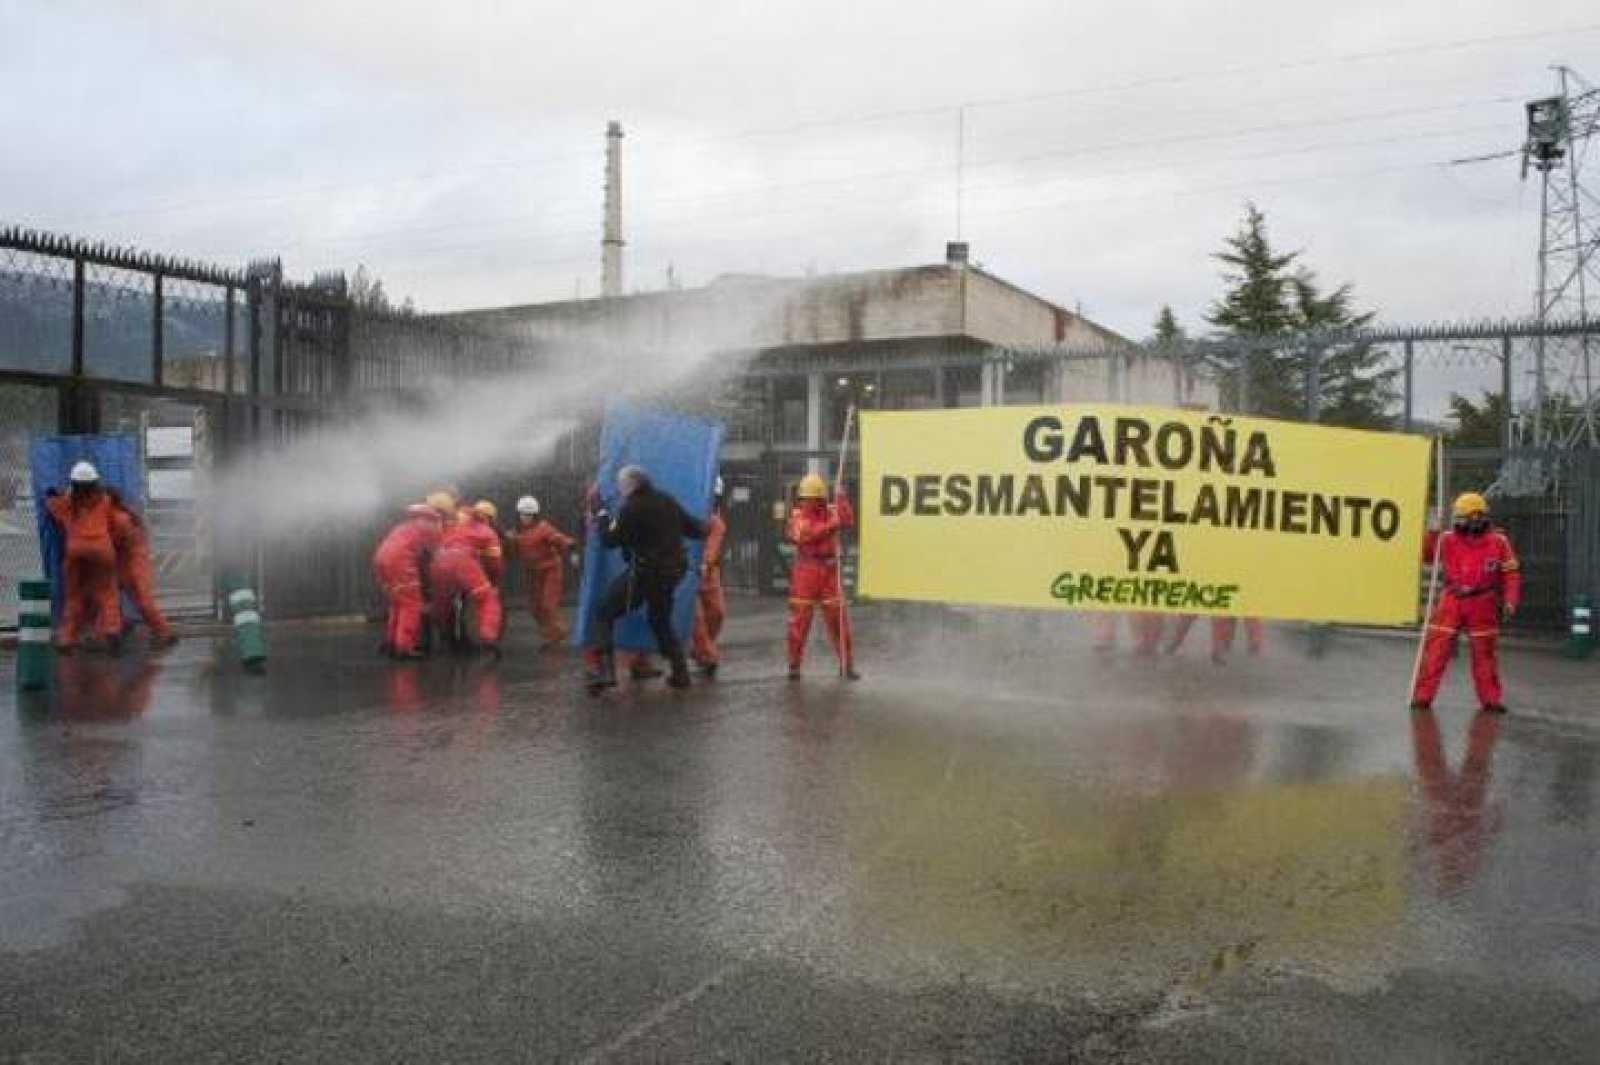 Los activistas de Greenpeace durante la acción en la central nuclear de Garoña.